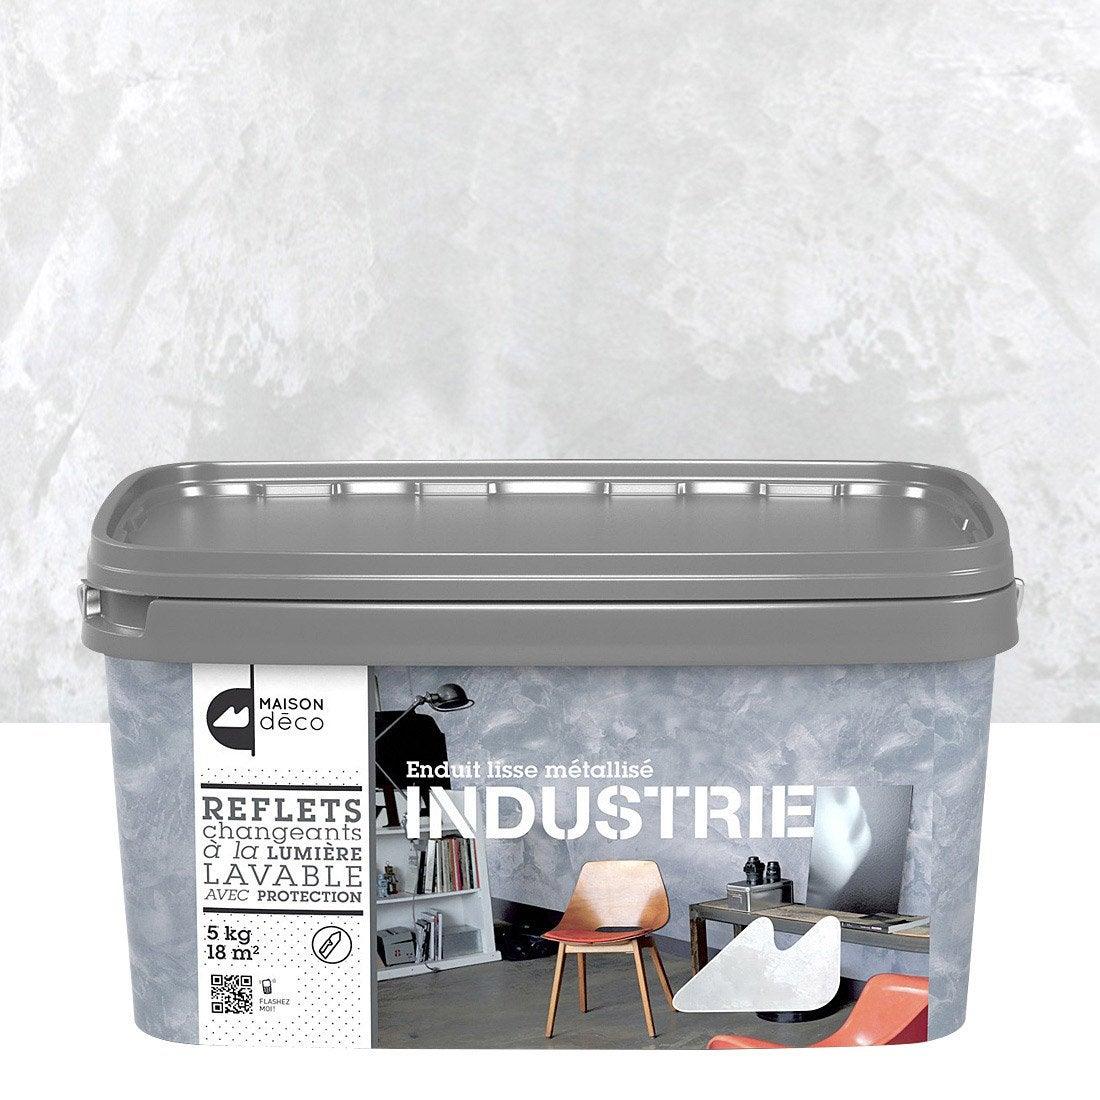 Peinture effet industrie maison deco fer blanc 5 kg - Peinture industrie leroy merlin ...